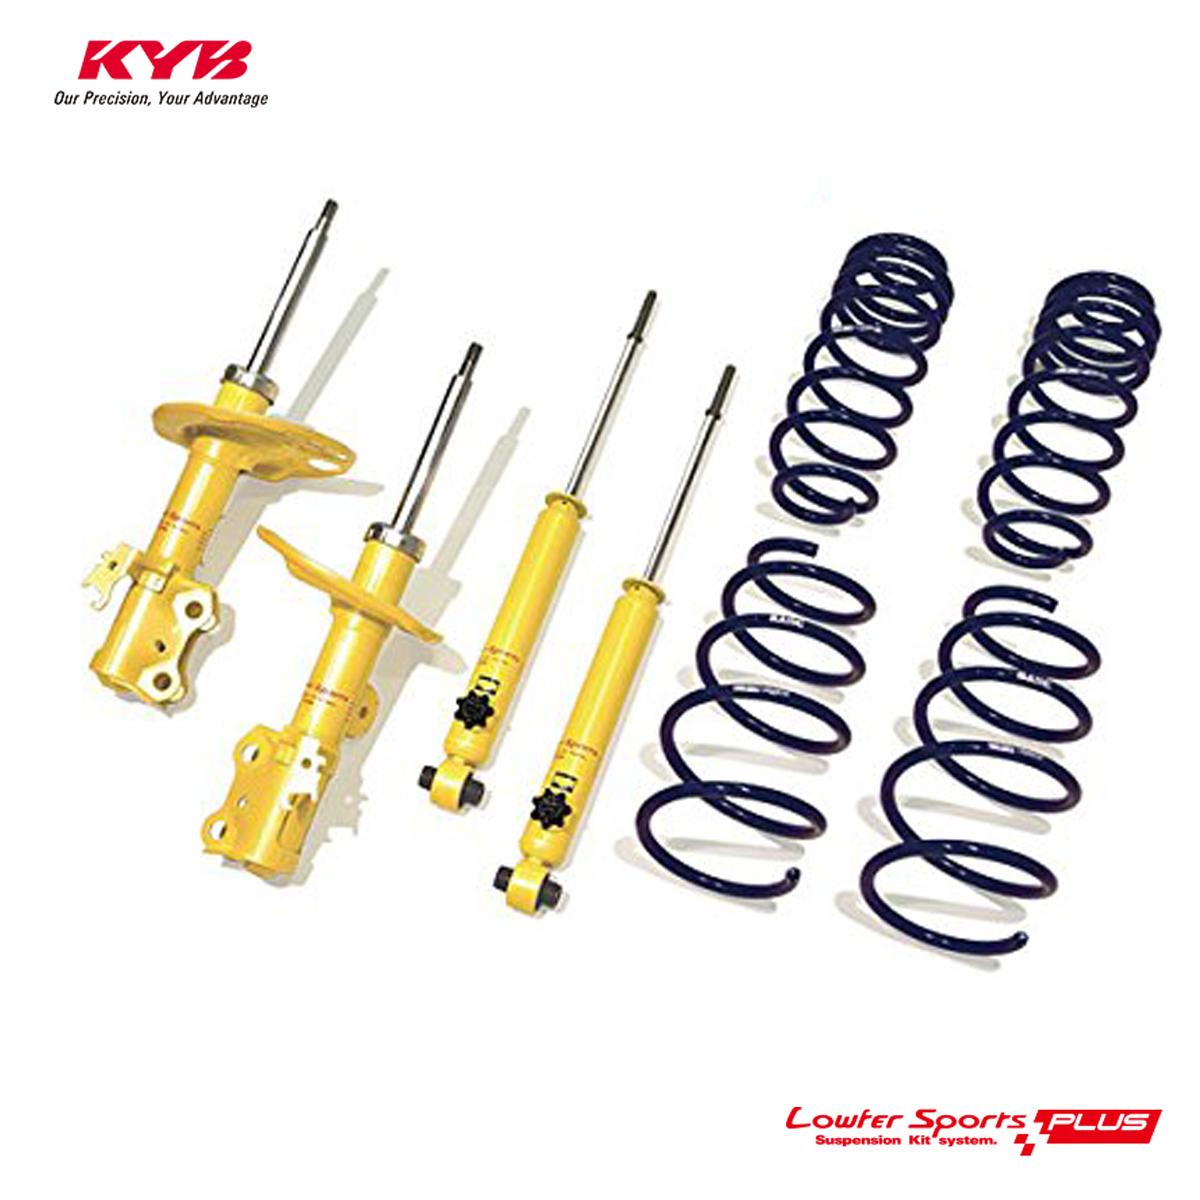 KYB カヤバ ヴォクシー ZWR80G ショックアブソーバー サスペンションキット LOWFER SPORTS PLUS LKIT1-ZWR80G 配送先条件有り